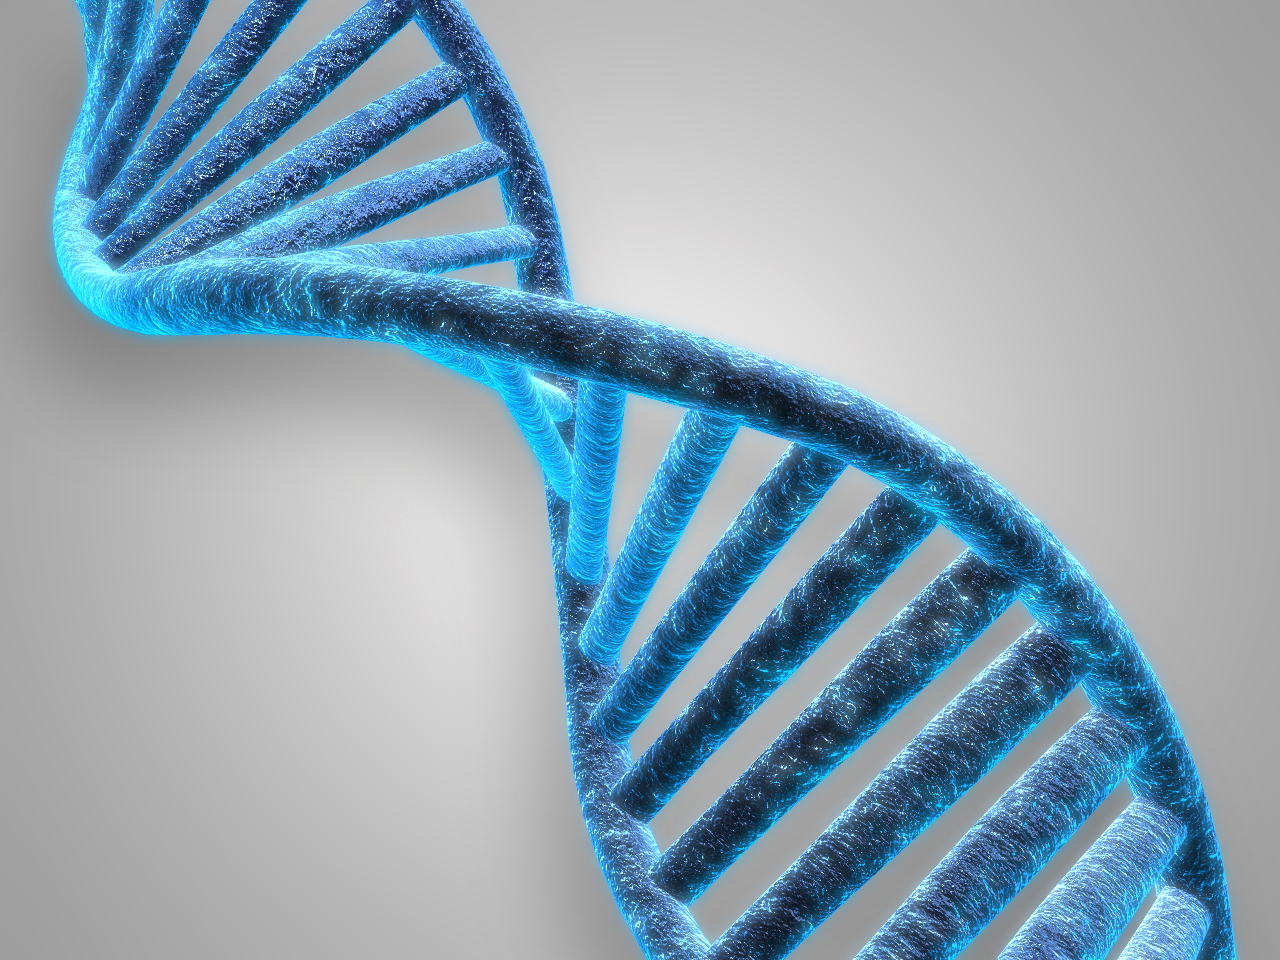 DNA_1549906323997.jpg